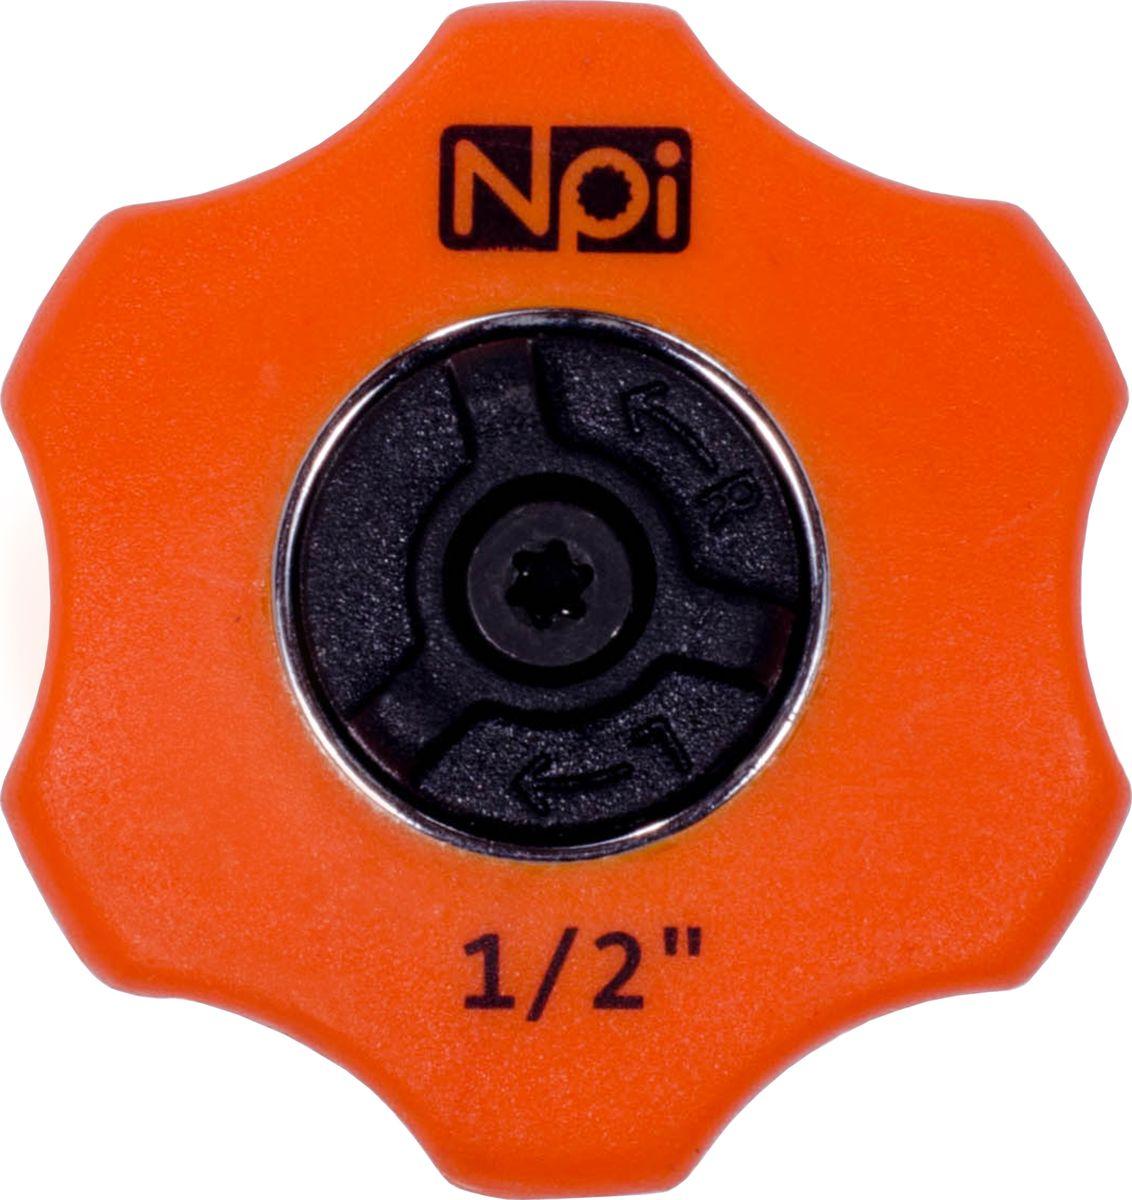 Трещотка-мини NPI, 1/2, 72 зубаCA-3505Мини-трещотка NPI используется для монтажа/демонтажа различных резьбовых соединений. Трещетка имеет встроенный переключатель вращения и прочное композитное покрытие. Количество зубьев - 72. Присоединительный размер: 1/2.